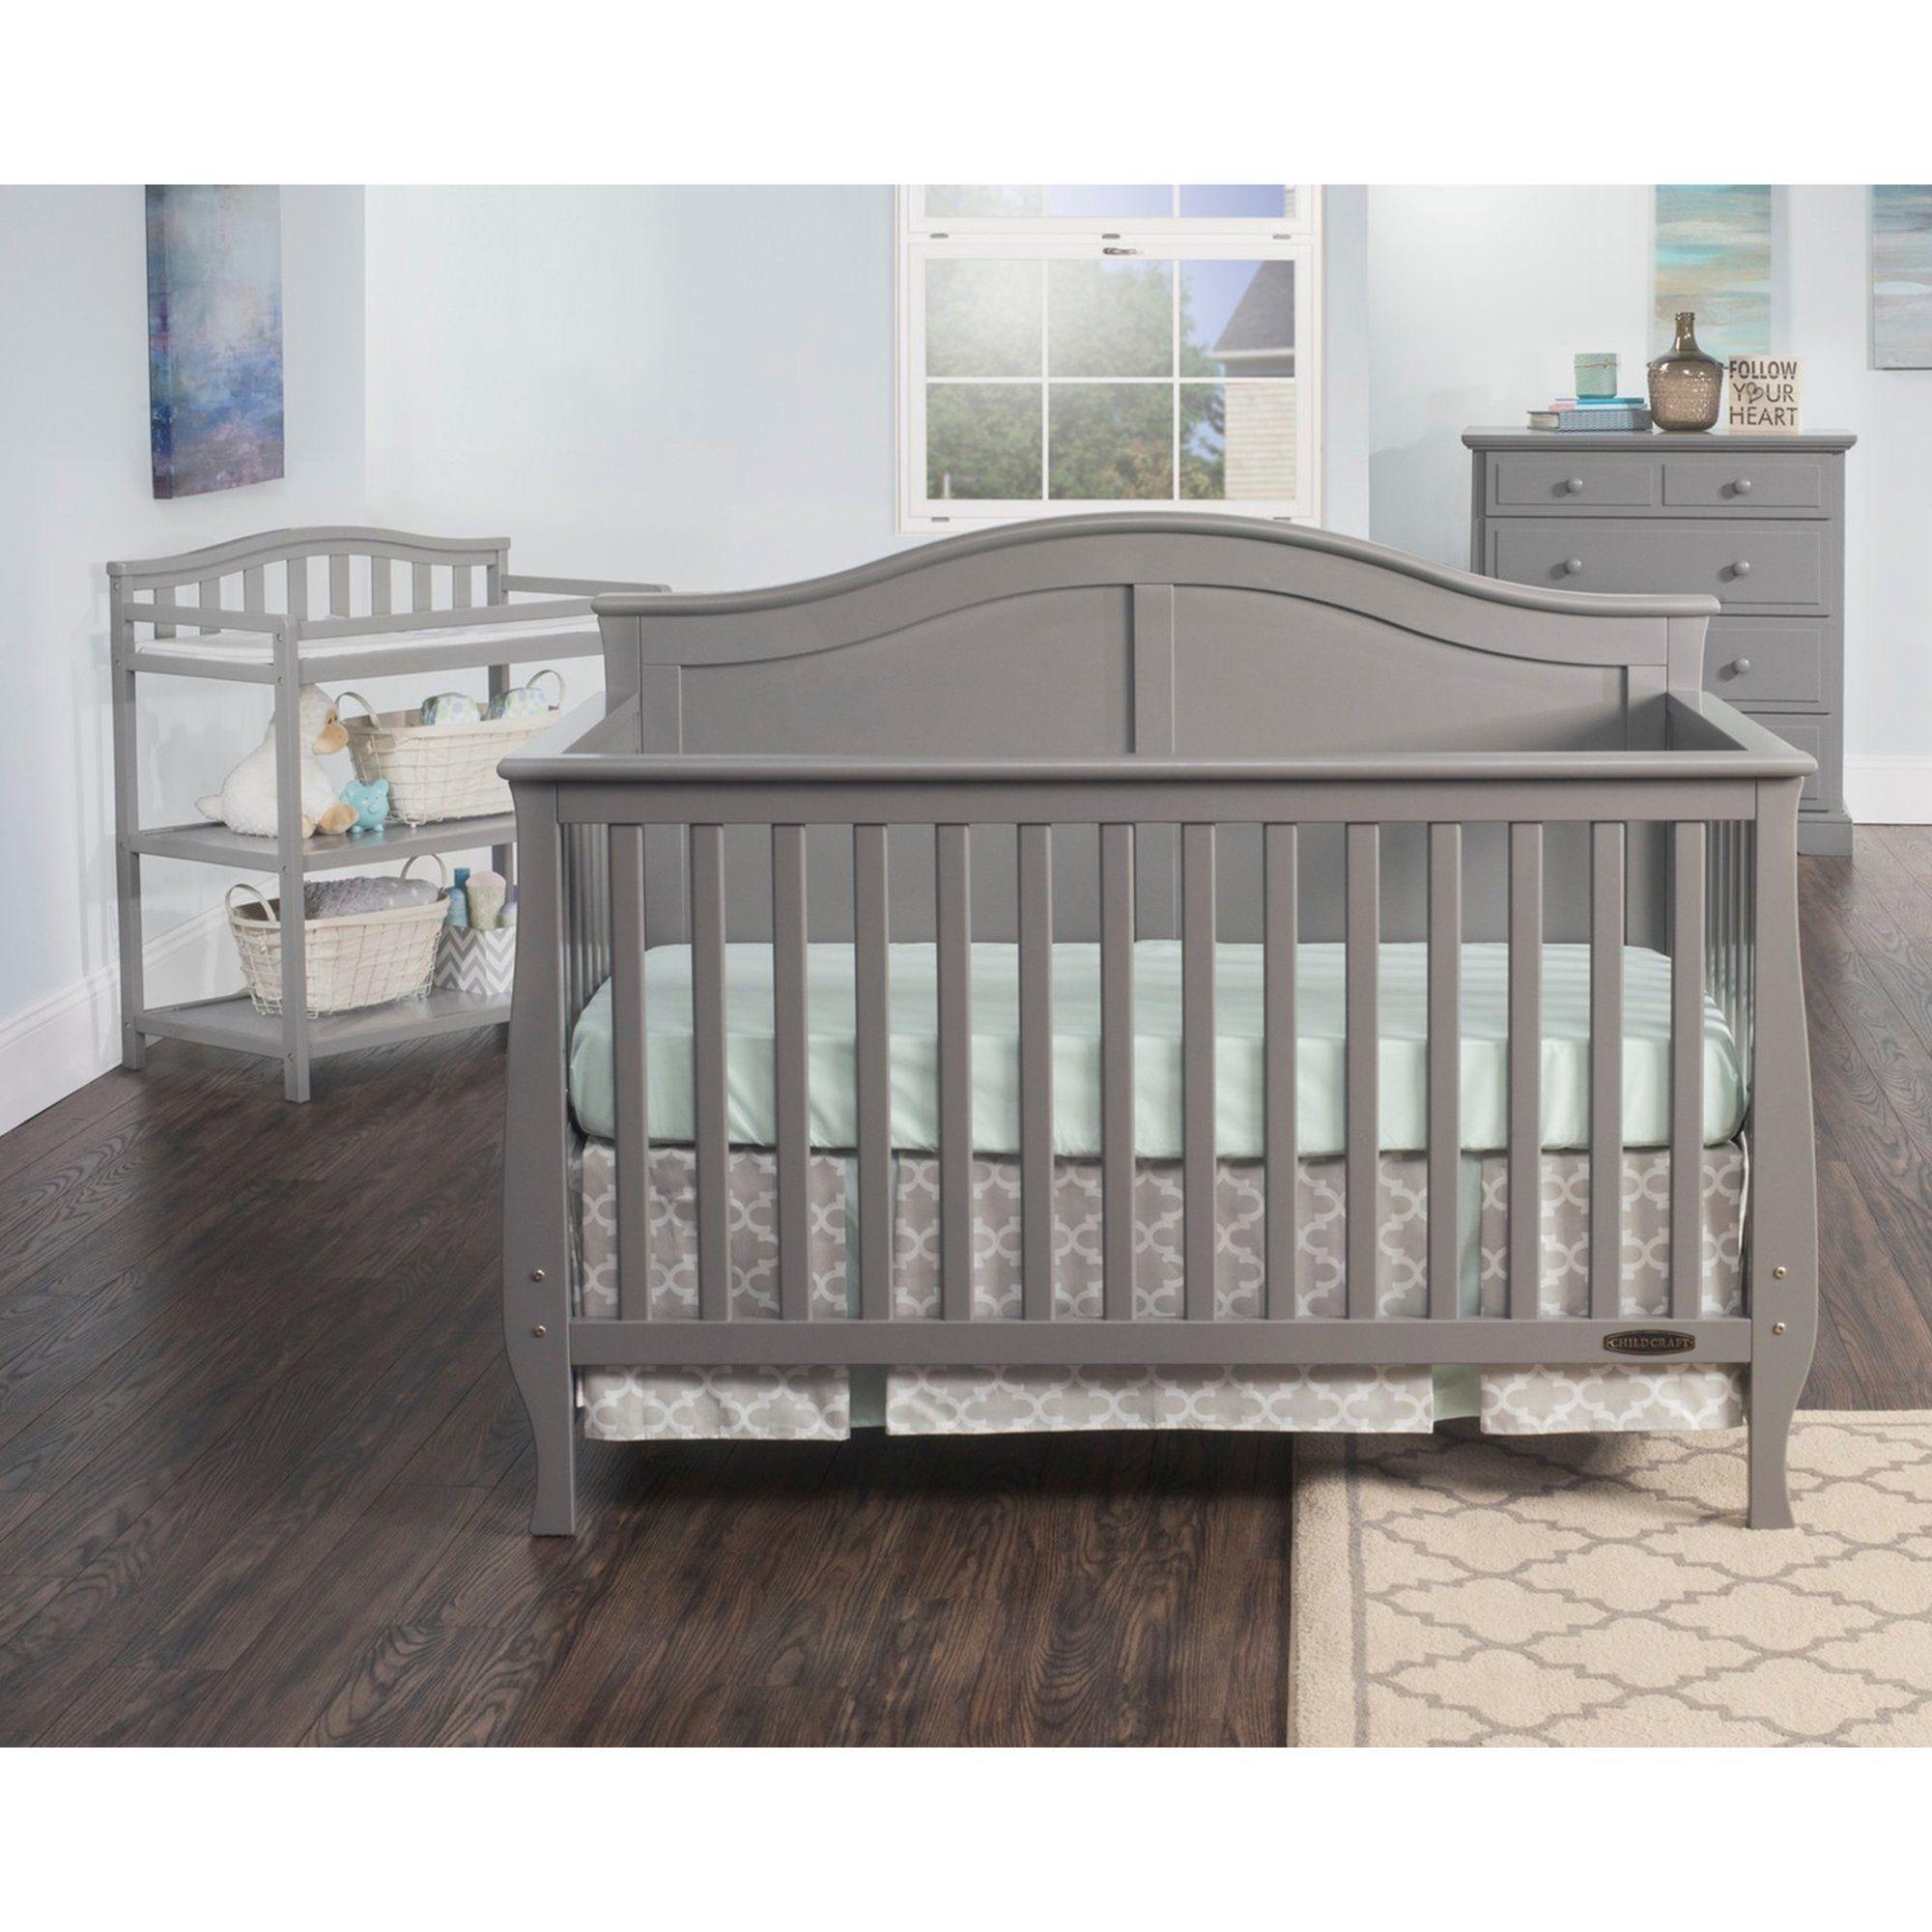 Camden 4 In 1 Convertible Crib Convertible Crib Nursery